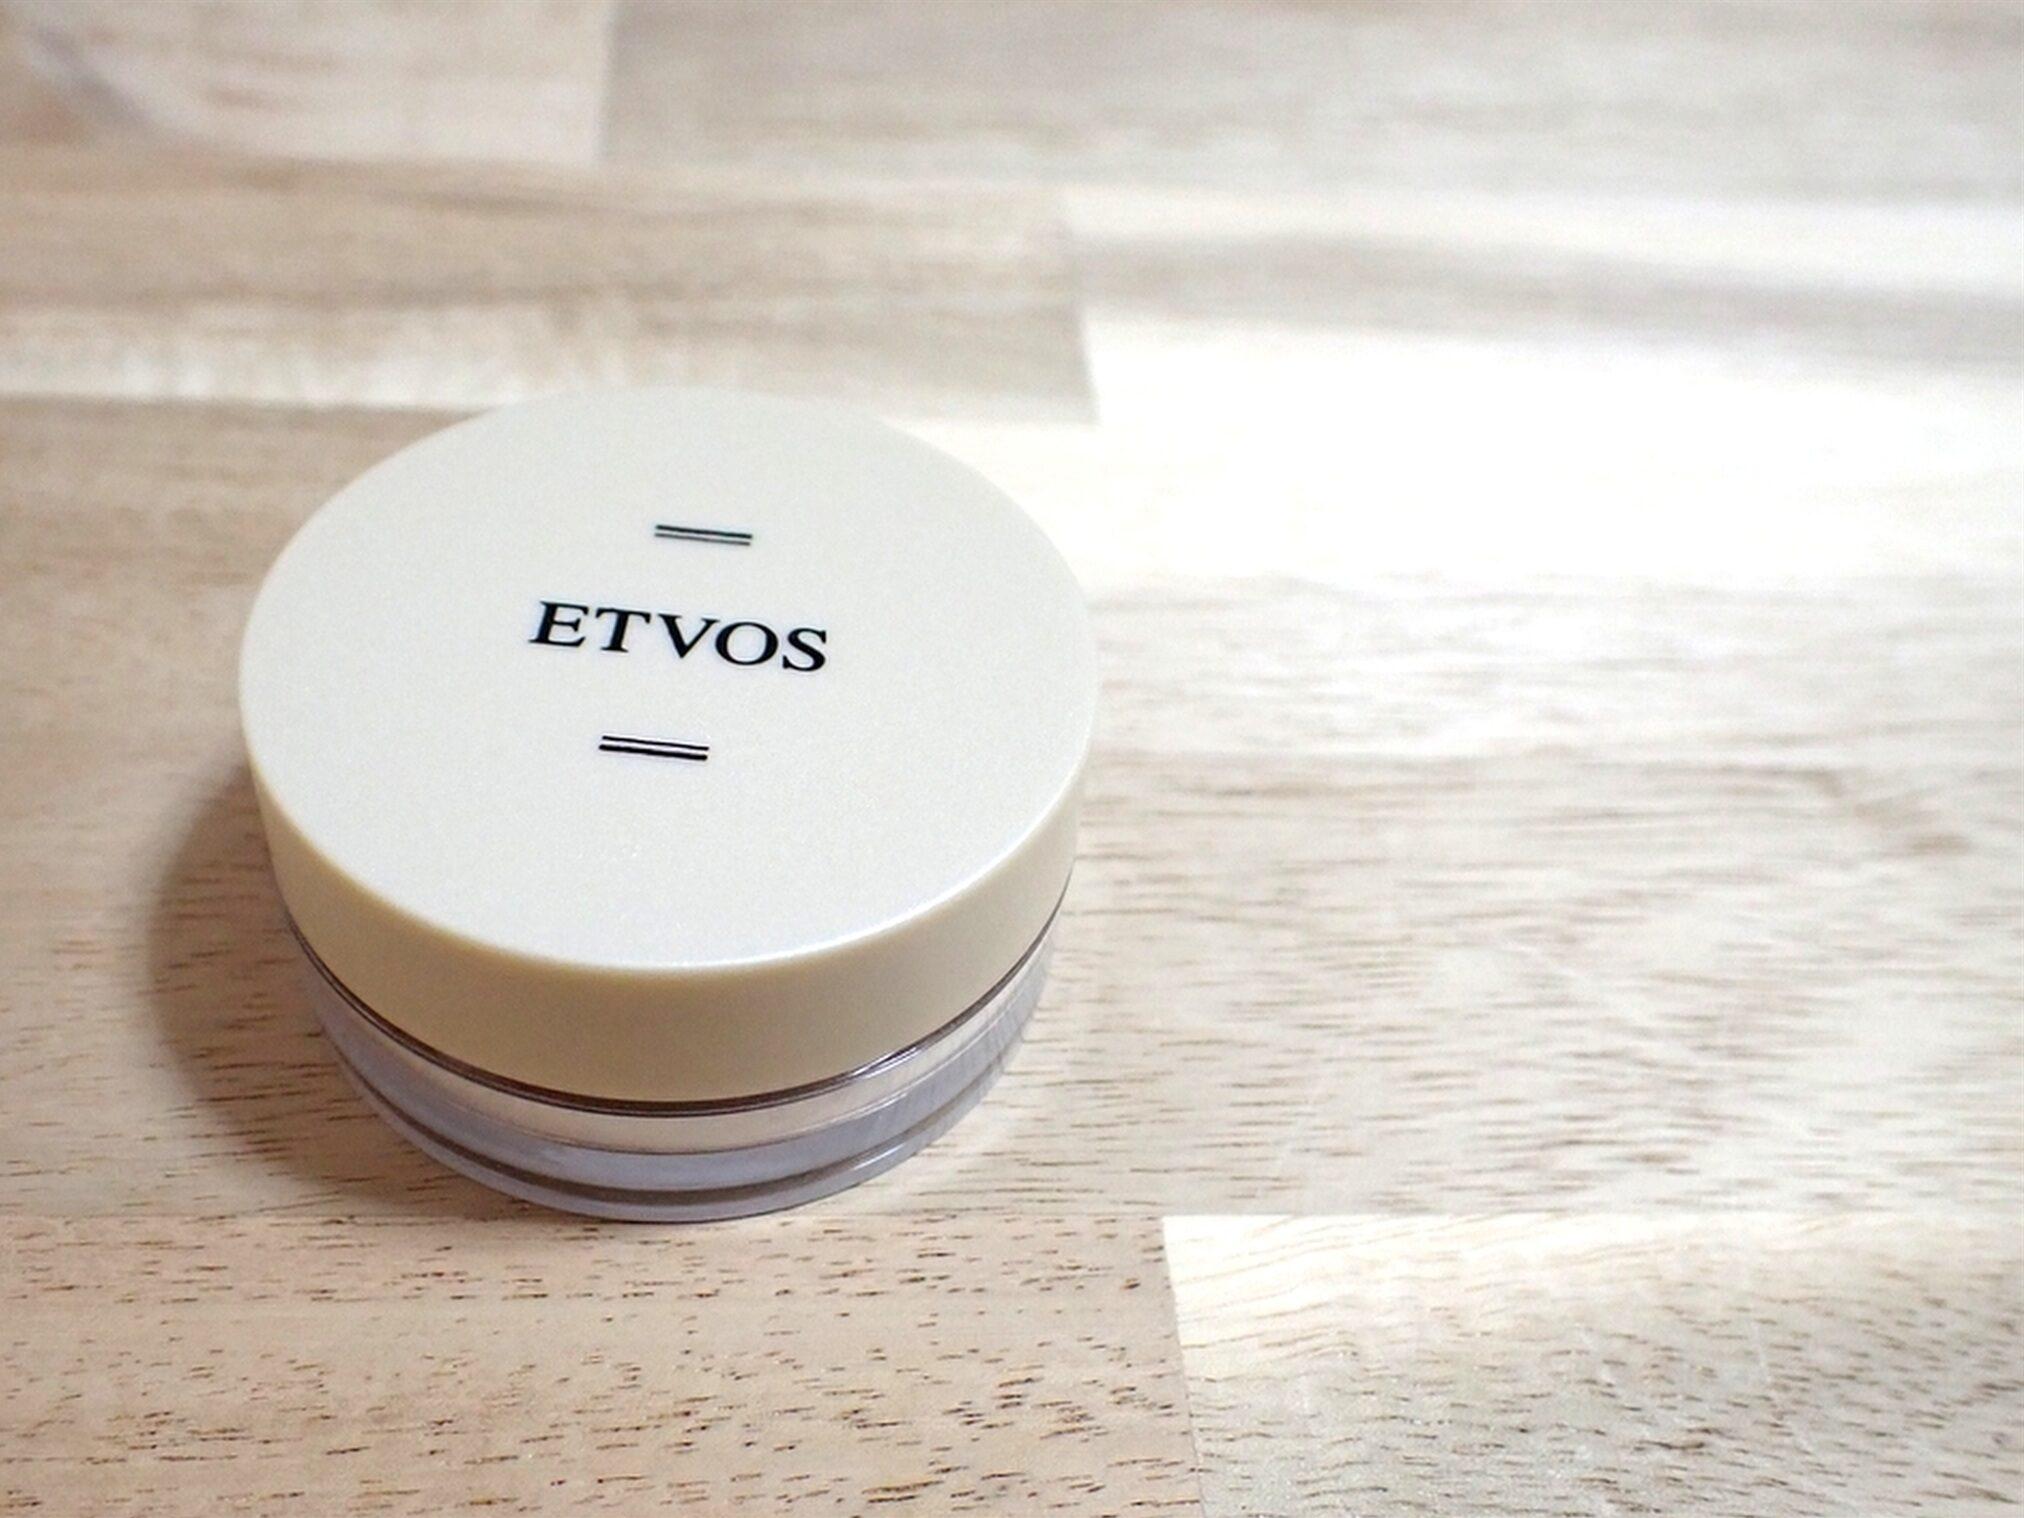 エトヴォス ETVOS パーフェクトキット ナイトミネラルファンデーション 1g